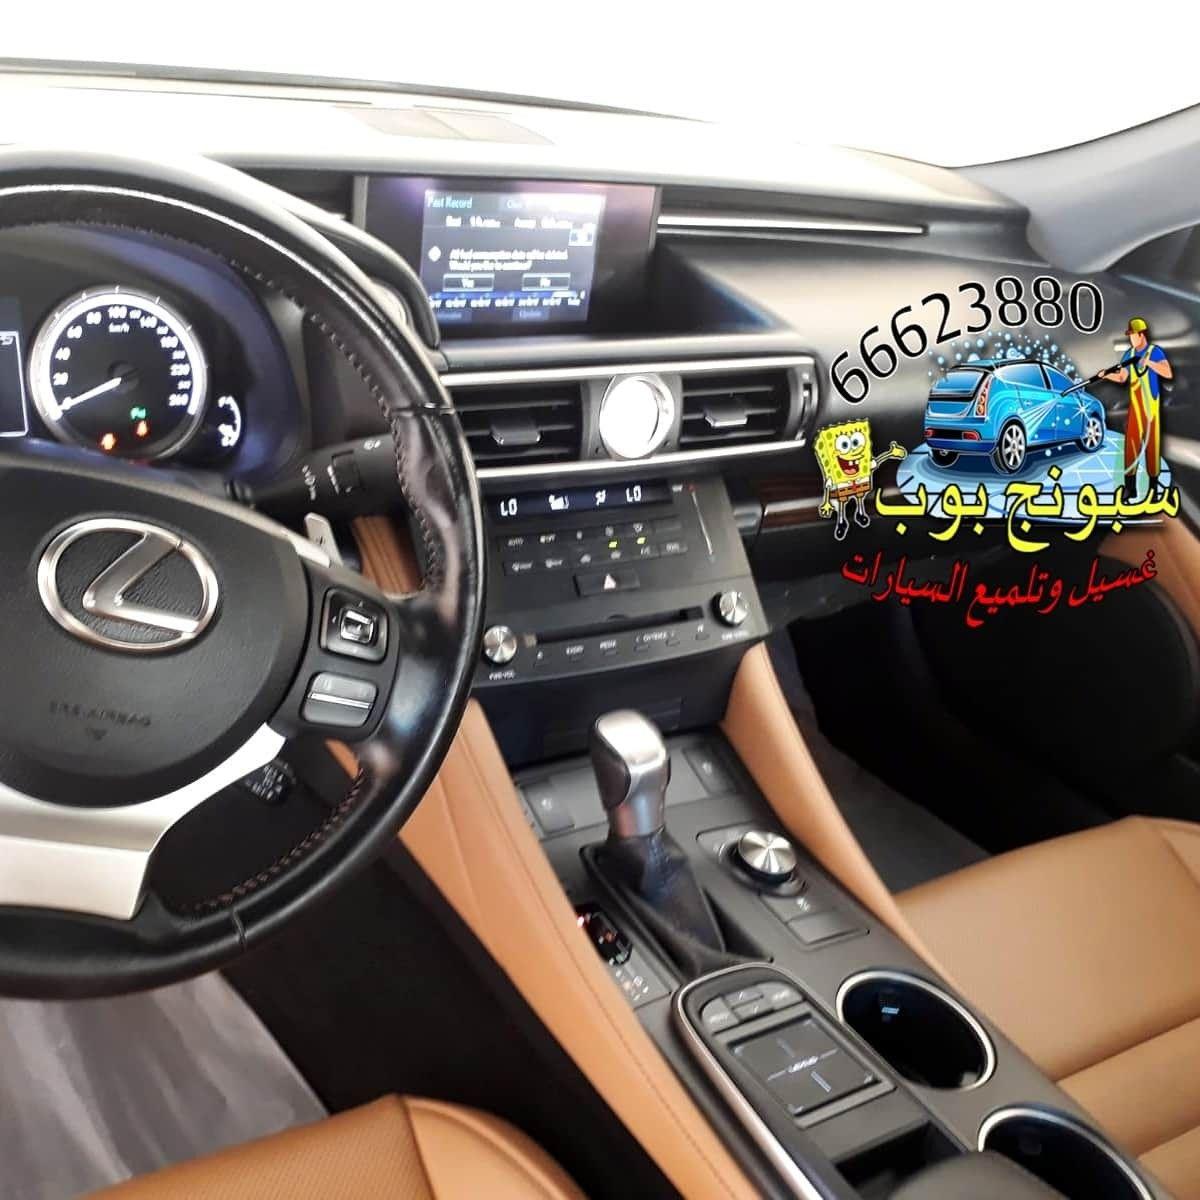 غسيل سيارات متنقل الكويت In 2020 Gear Stick Steering Wheel Gears